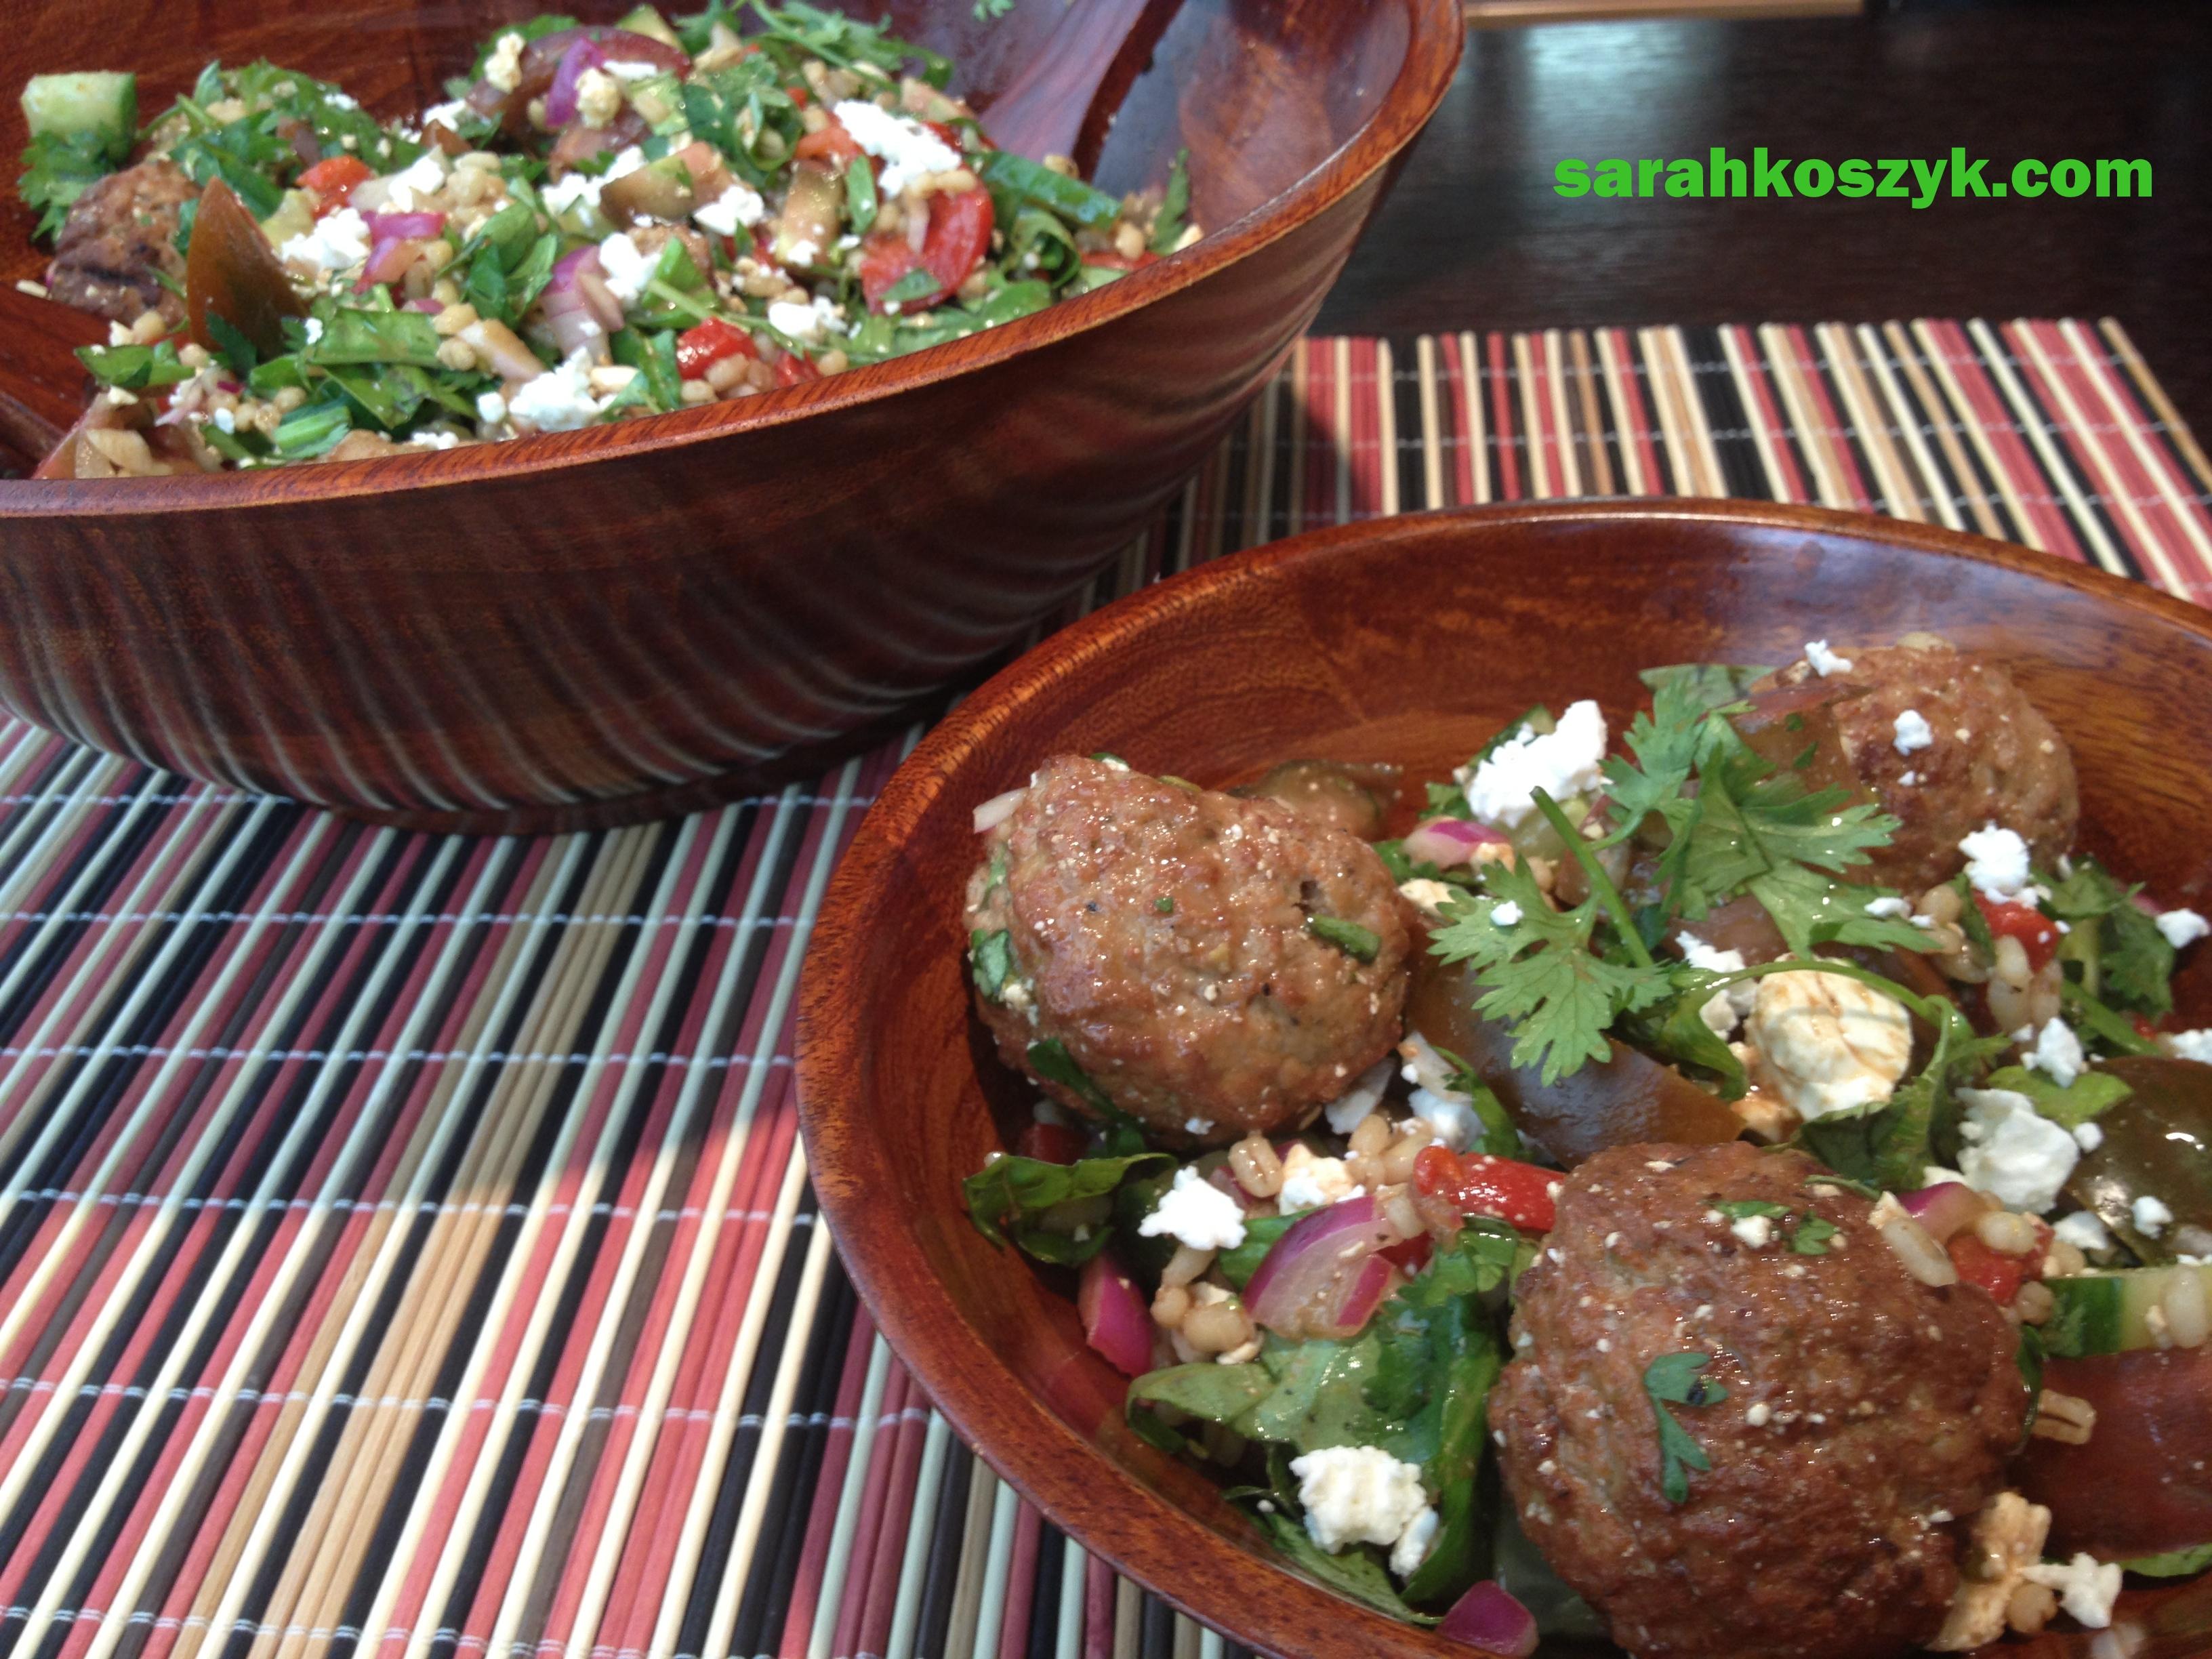 Barley Salad with Turkey Meatballs